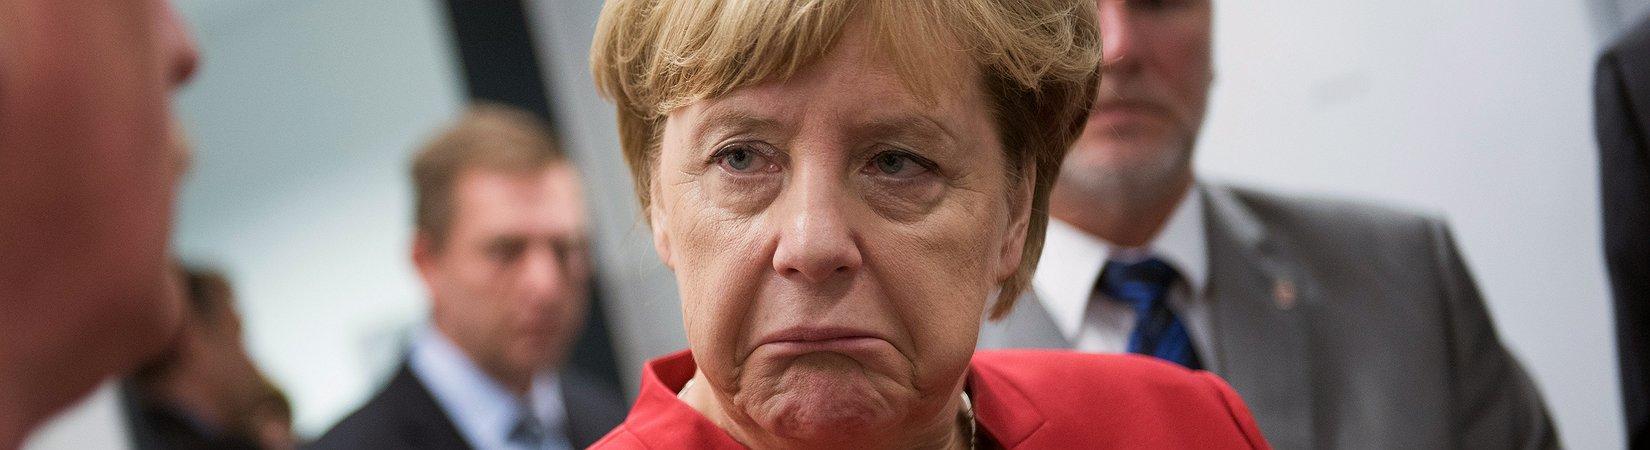 In Germania il PIL è a +1,9% nel 2016